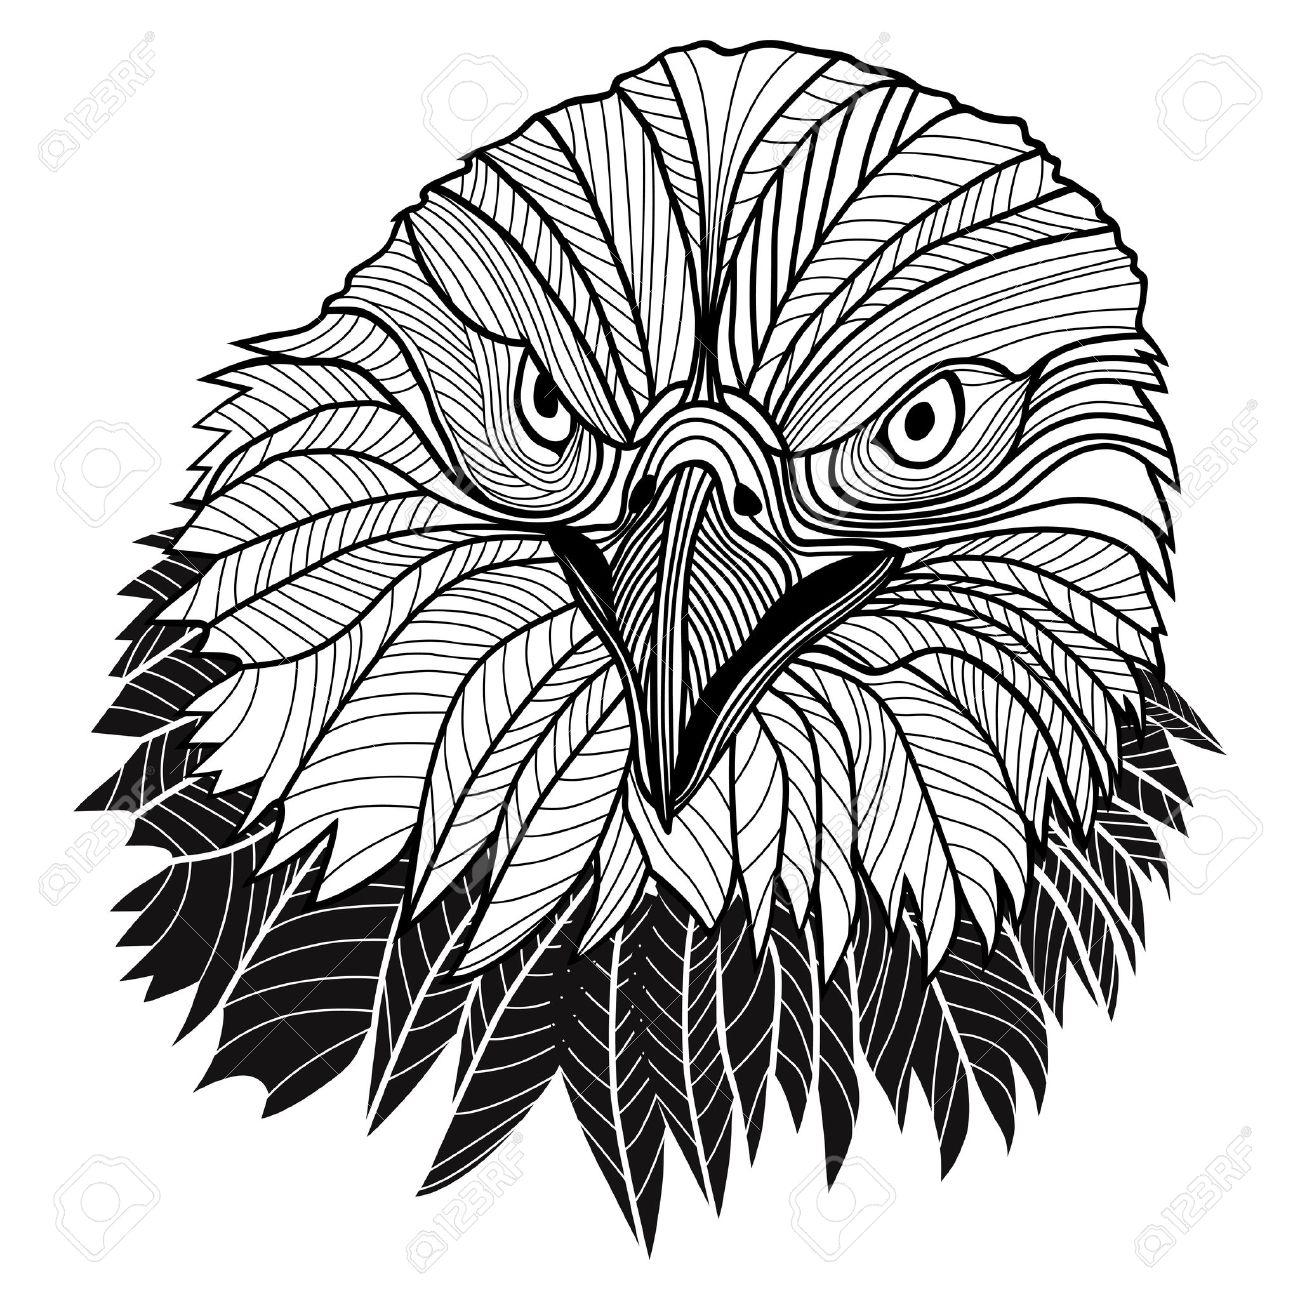 Oiseau Tete D Aigle Chauve Comme Usa Symbole De Mascotte Ou De La